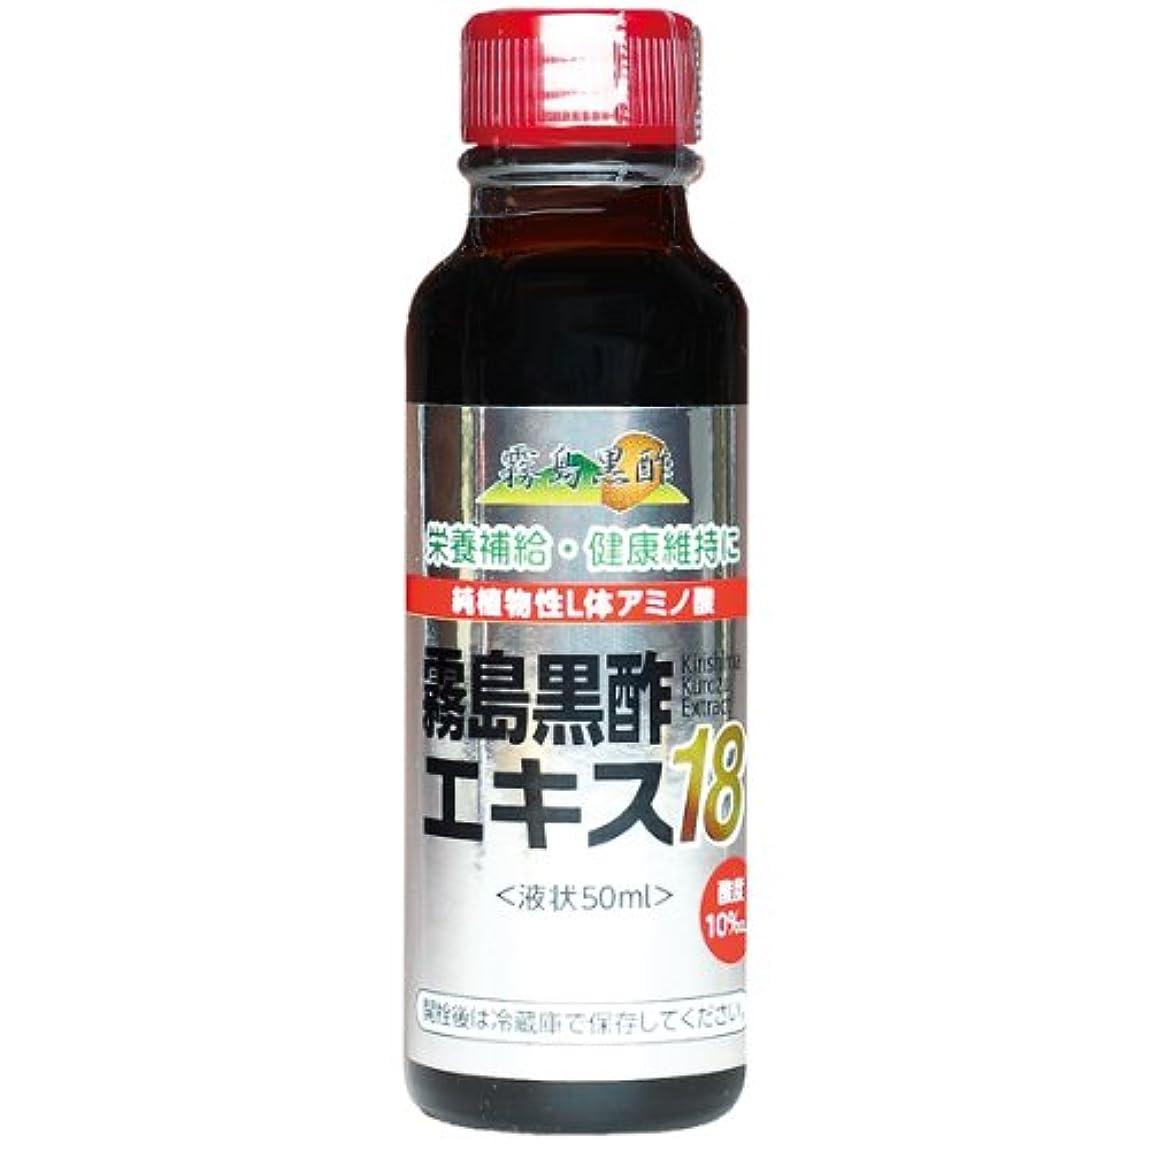 すべき発明する適度な霧島黒酢 エキス18 50ml